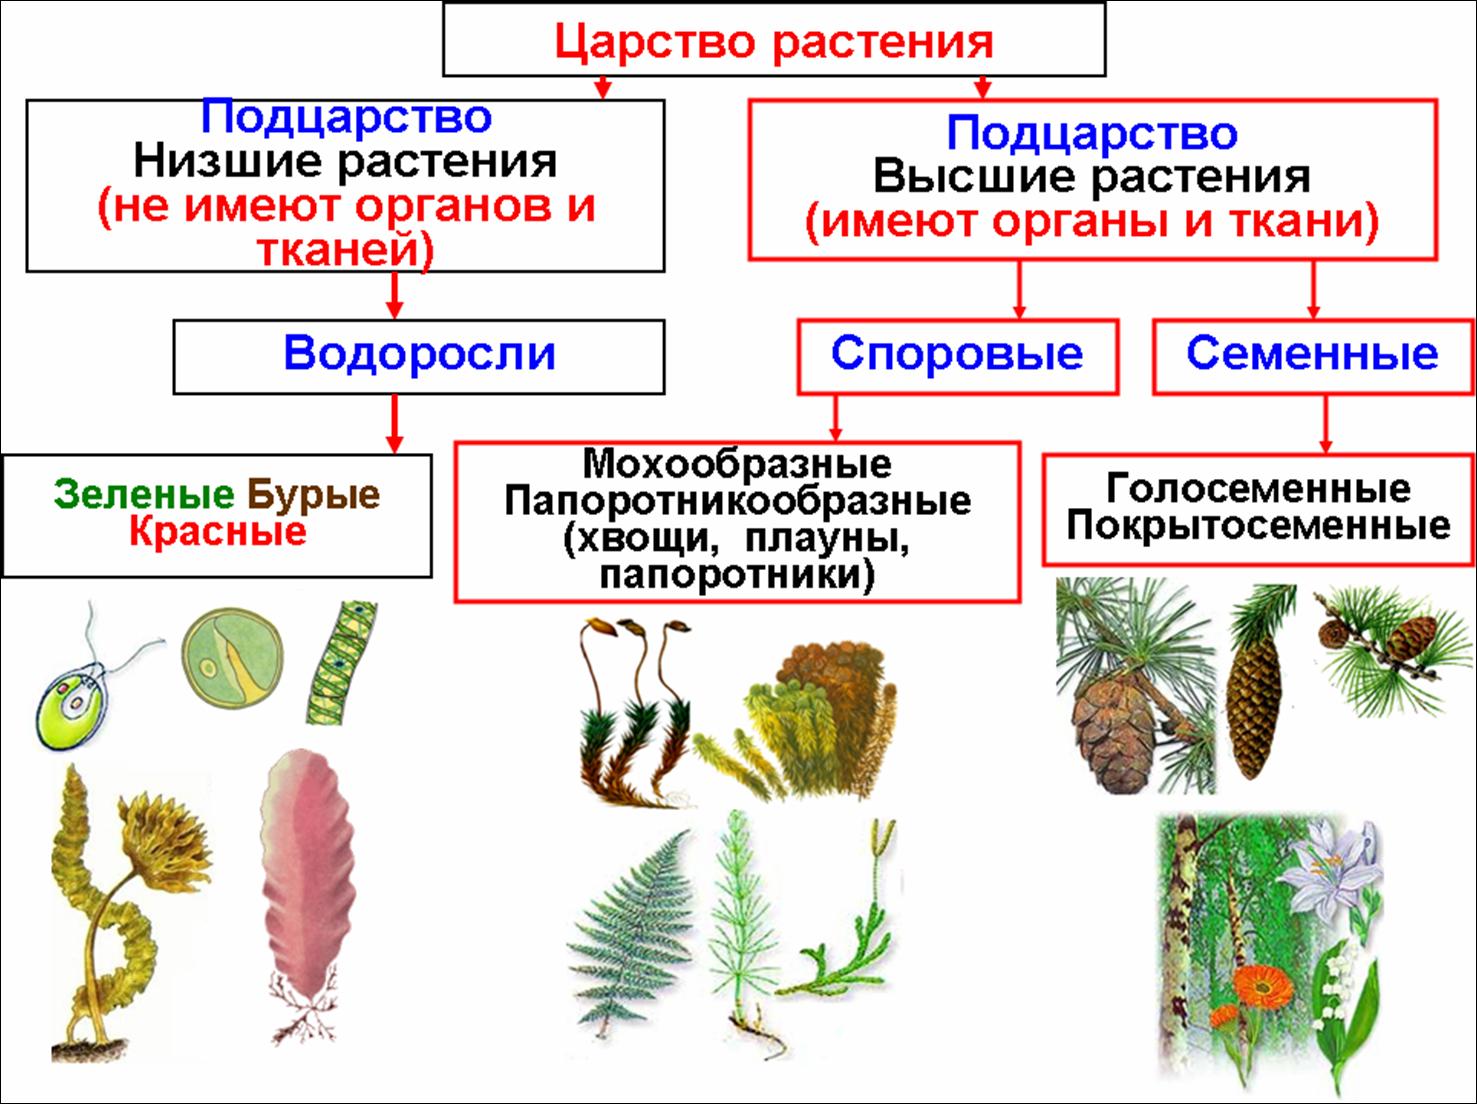 презентация для 7 класса царство животные